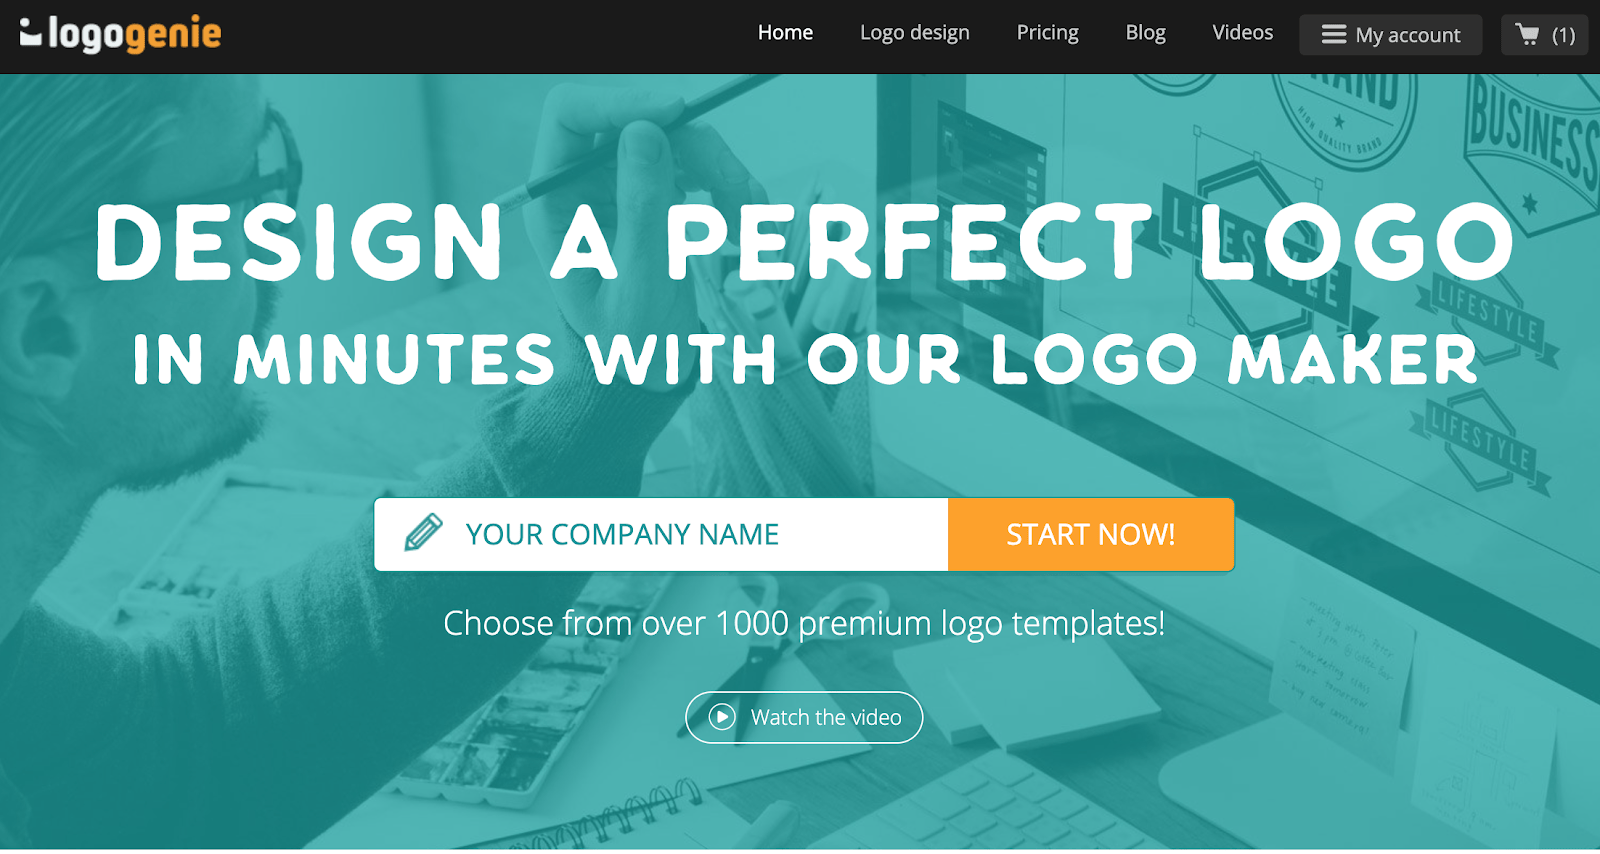 Logogenie homepage